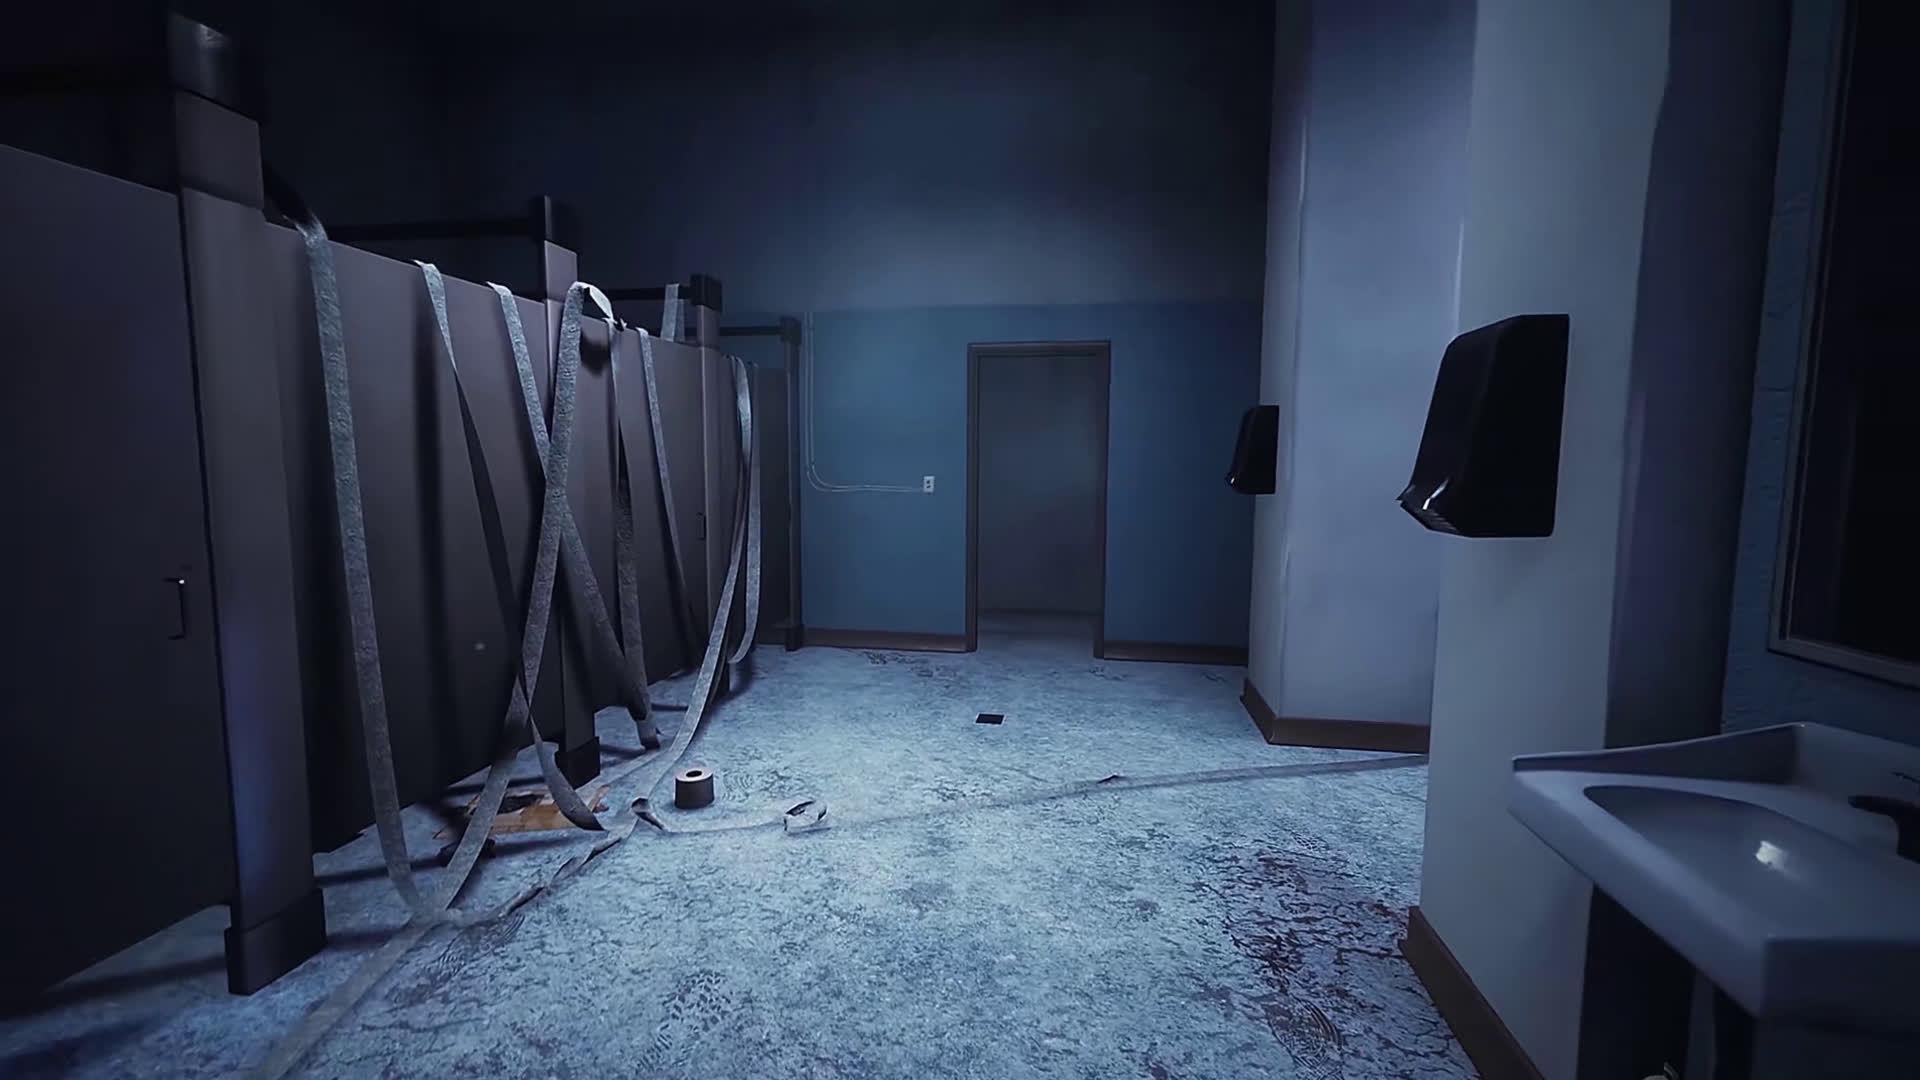 第一人称心理恐怖游戏《发生了什么》(What Happened) 宣布将于 7